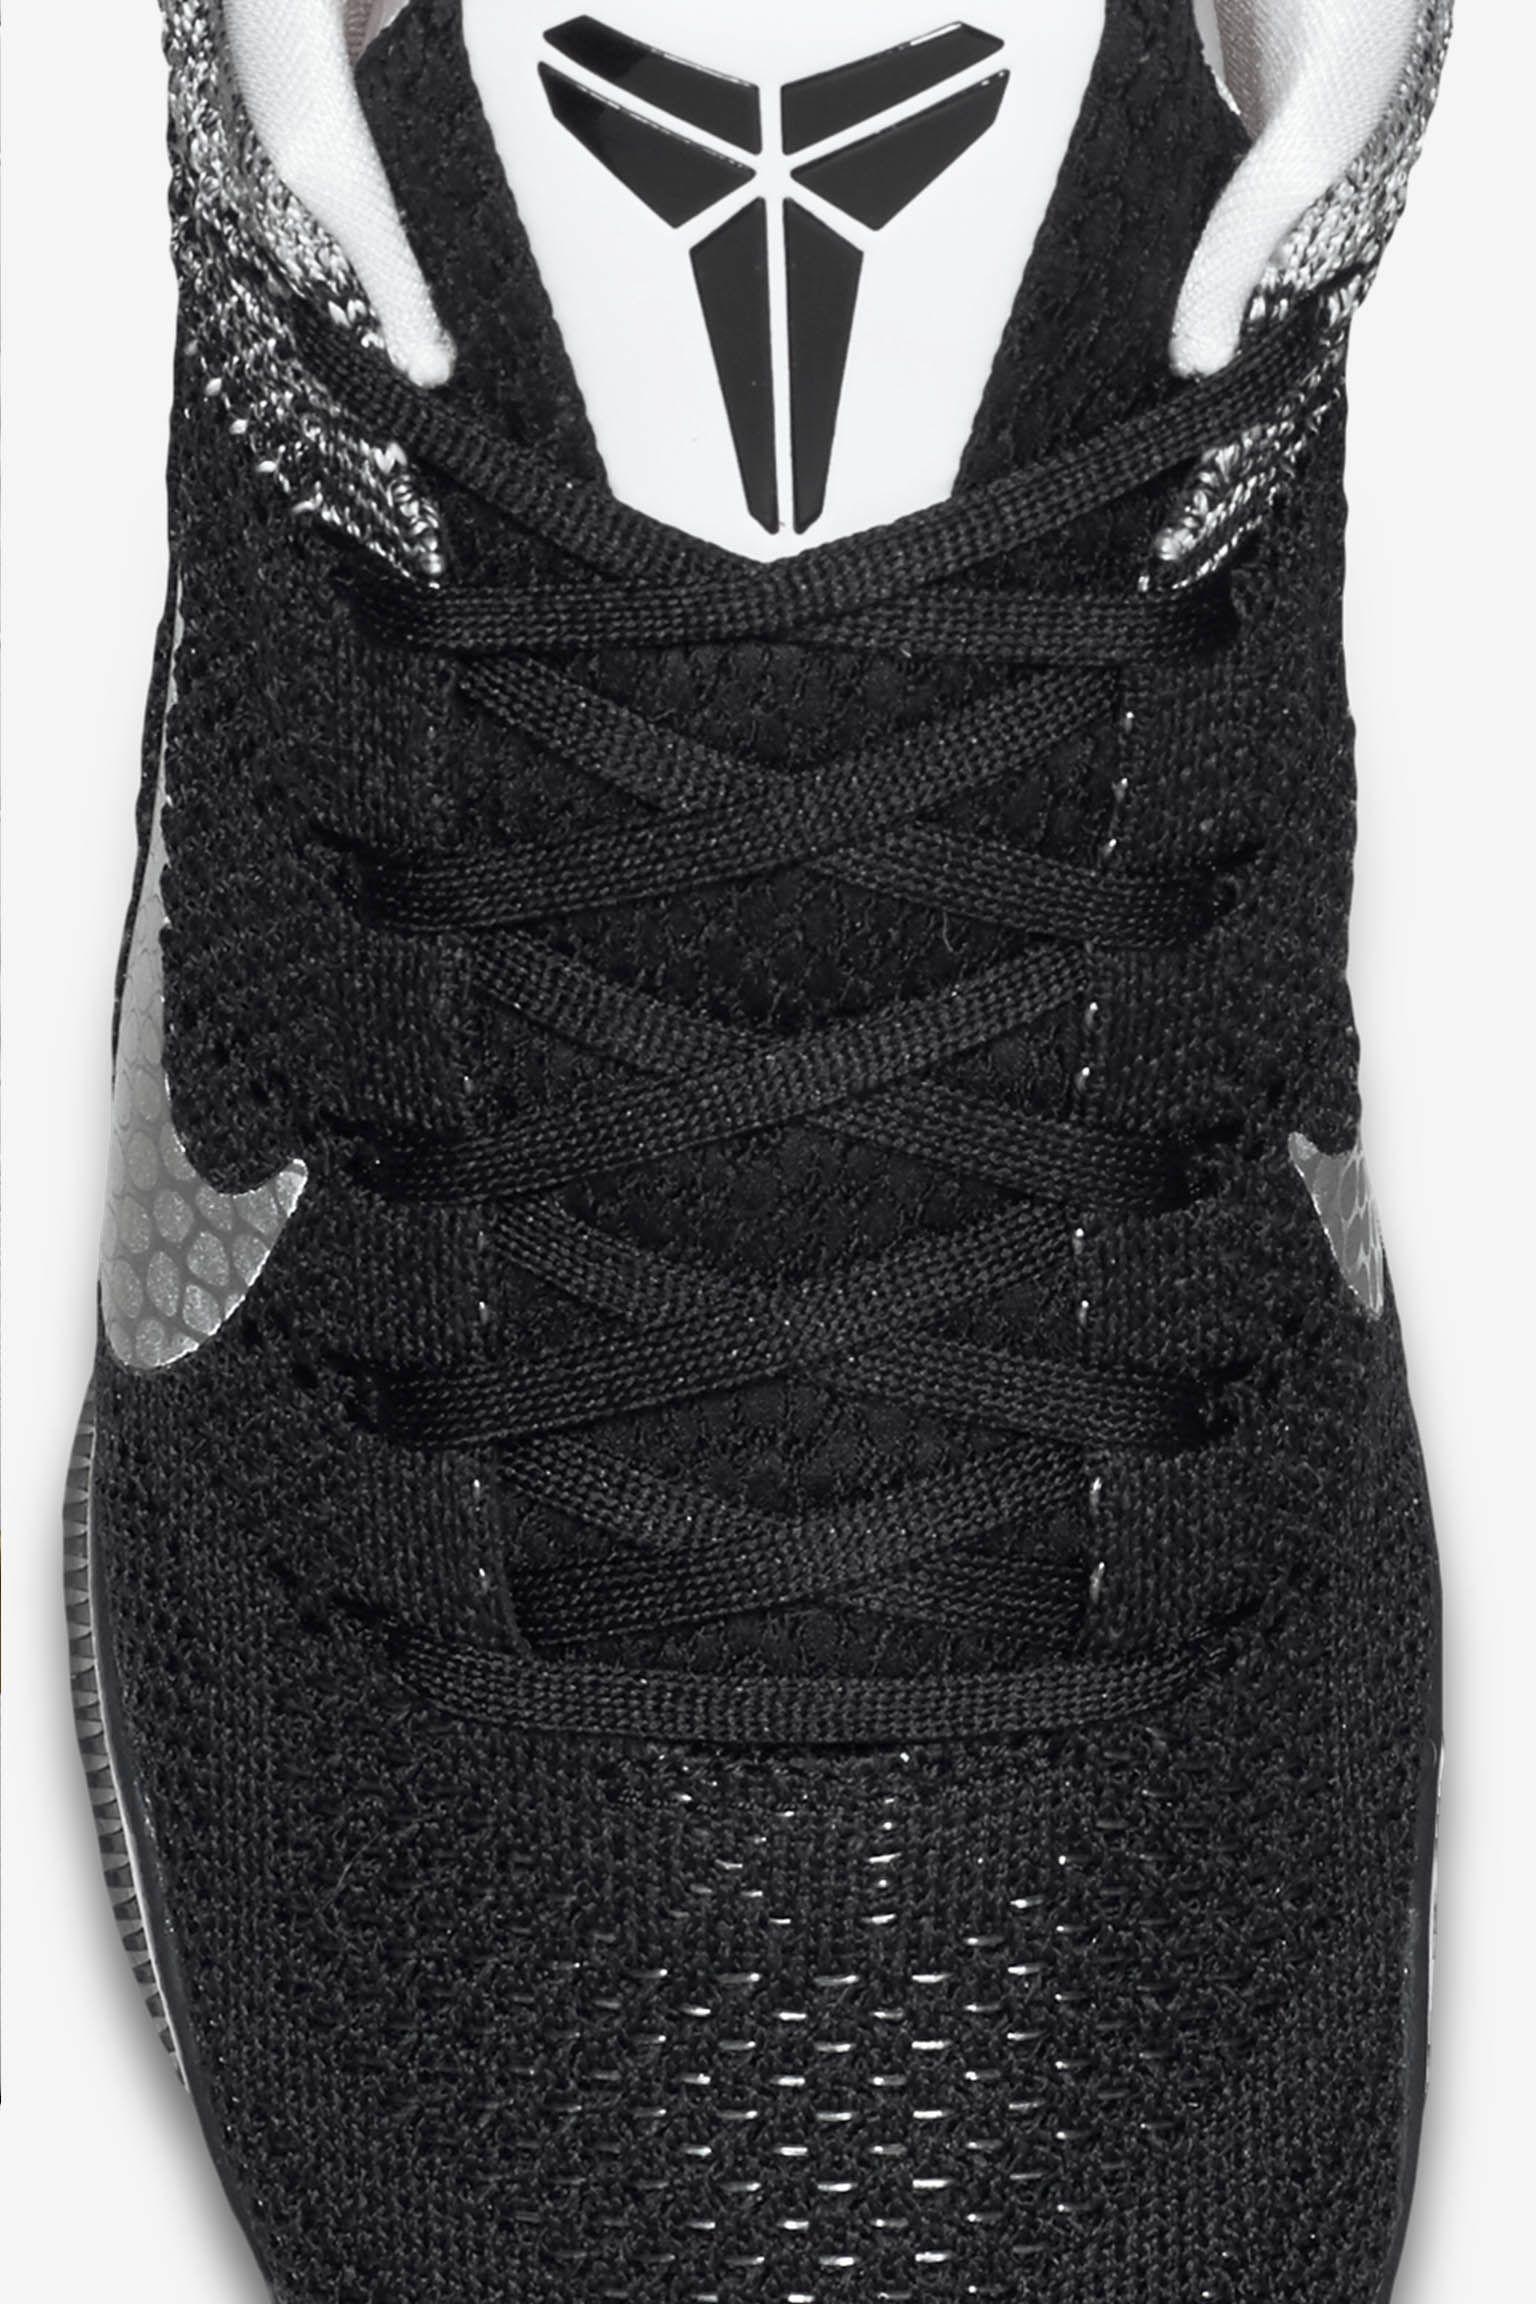 Nike Kobe 11 'Last Emperor' Release Date